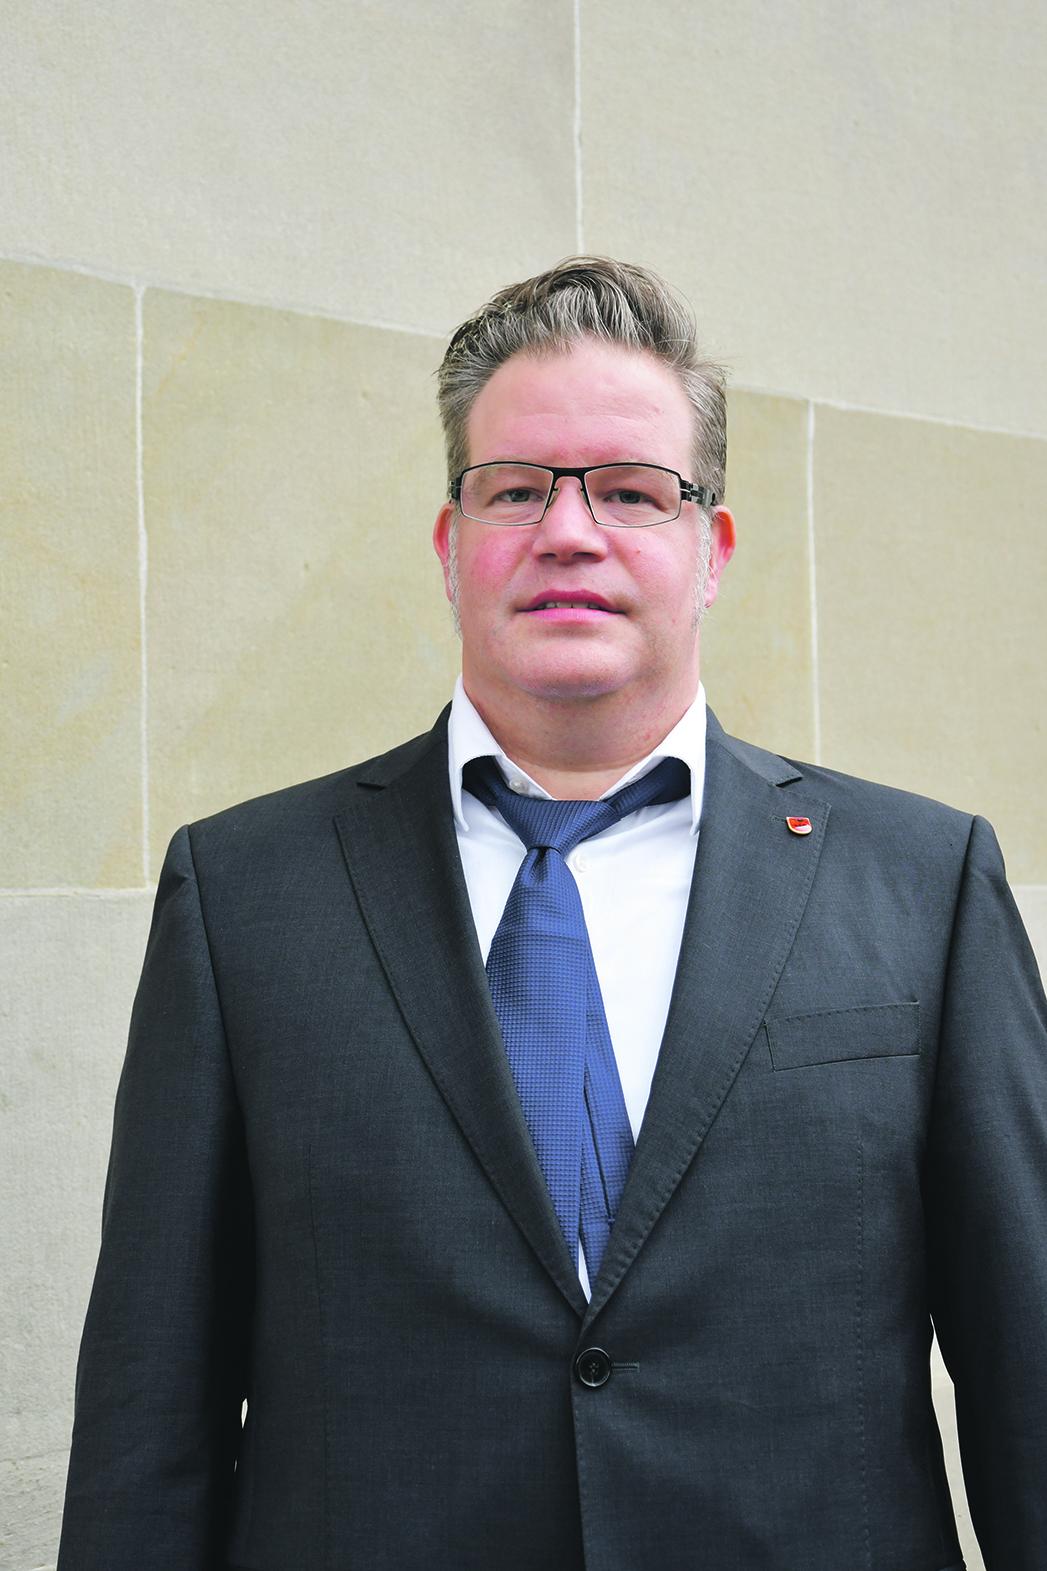 Und noch ein vorzeitiger Rücktritt im Bezirksrat Einsiedeln